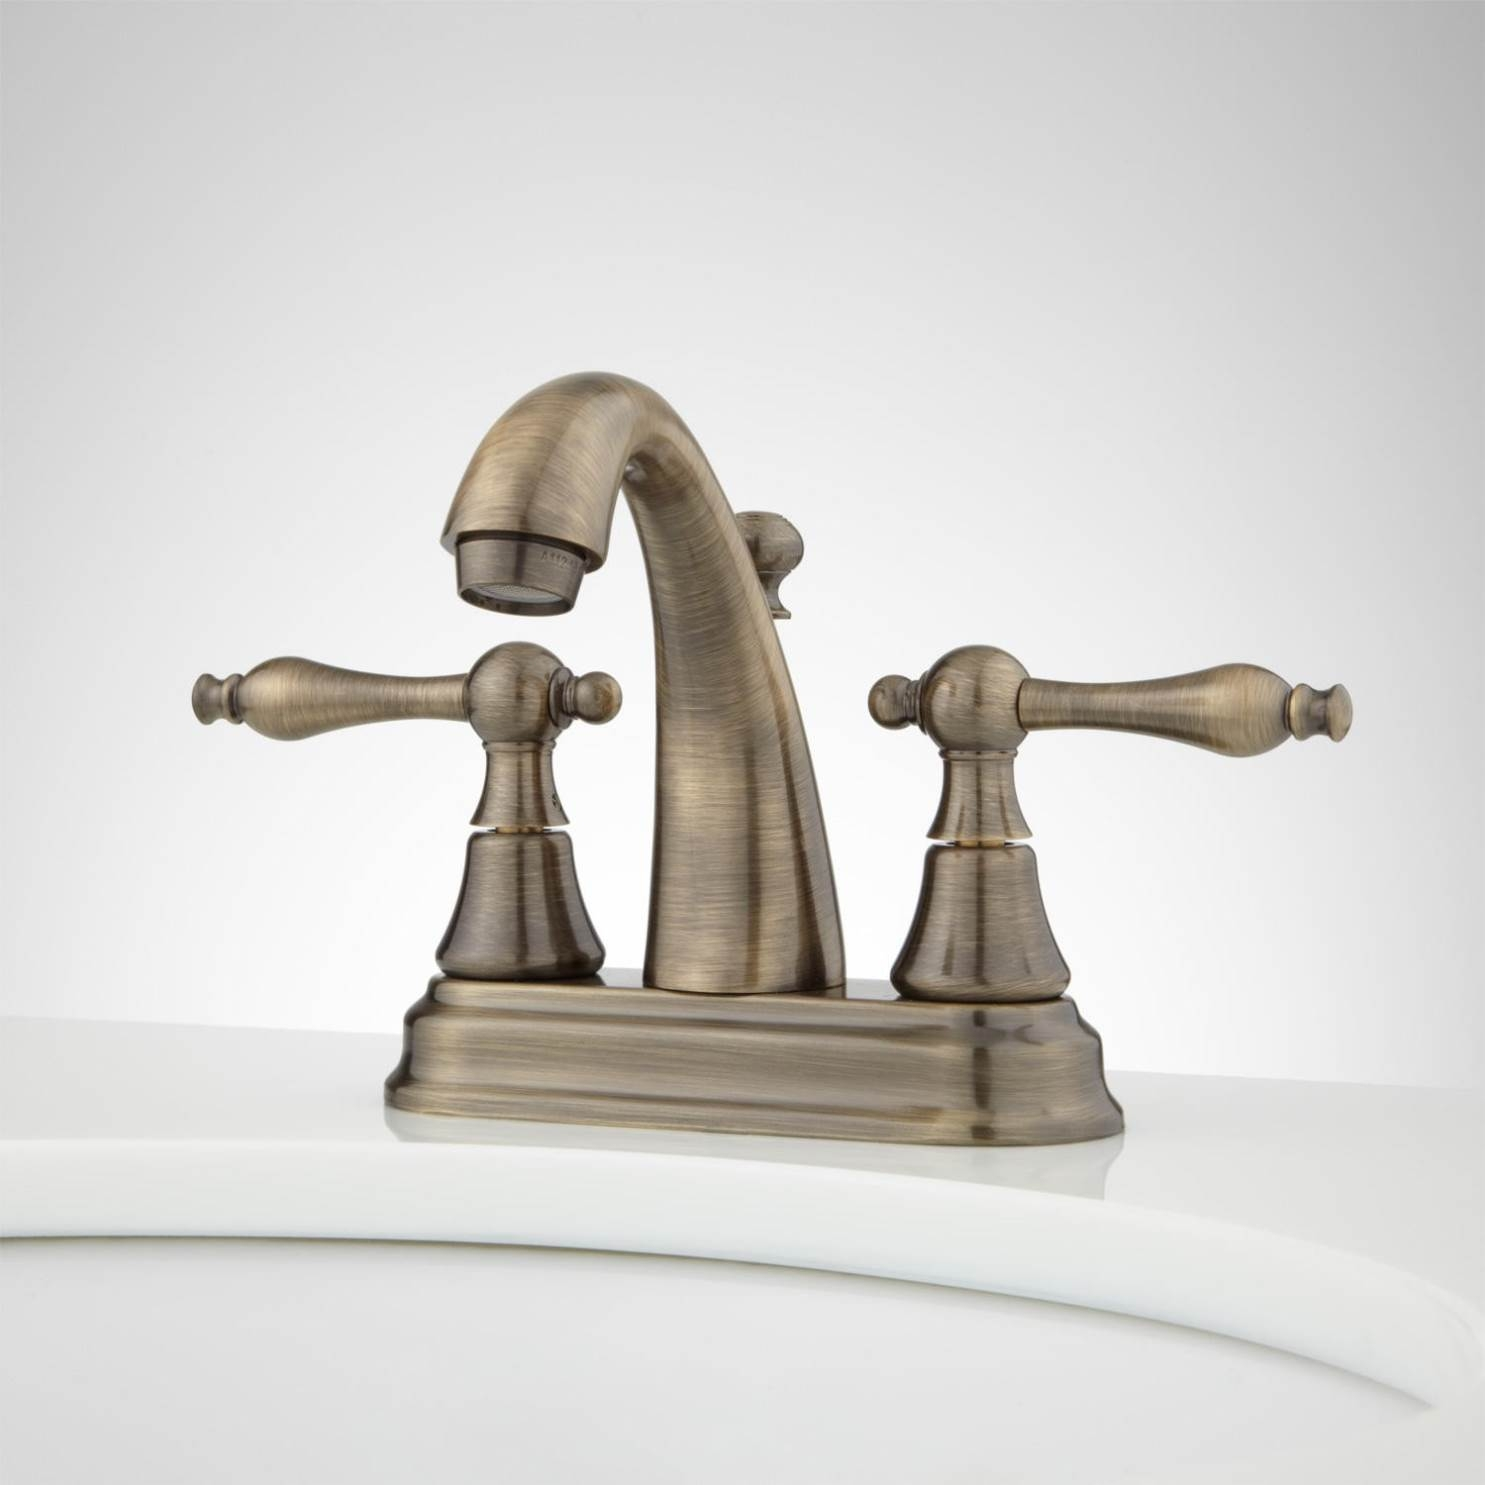 Ideas, antique brass bathtub faucets antique brass bathtub faucets easy tips to revamp antique brass bathroom faucet ideas free 1485 x 1485  .